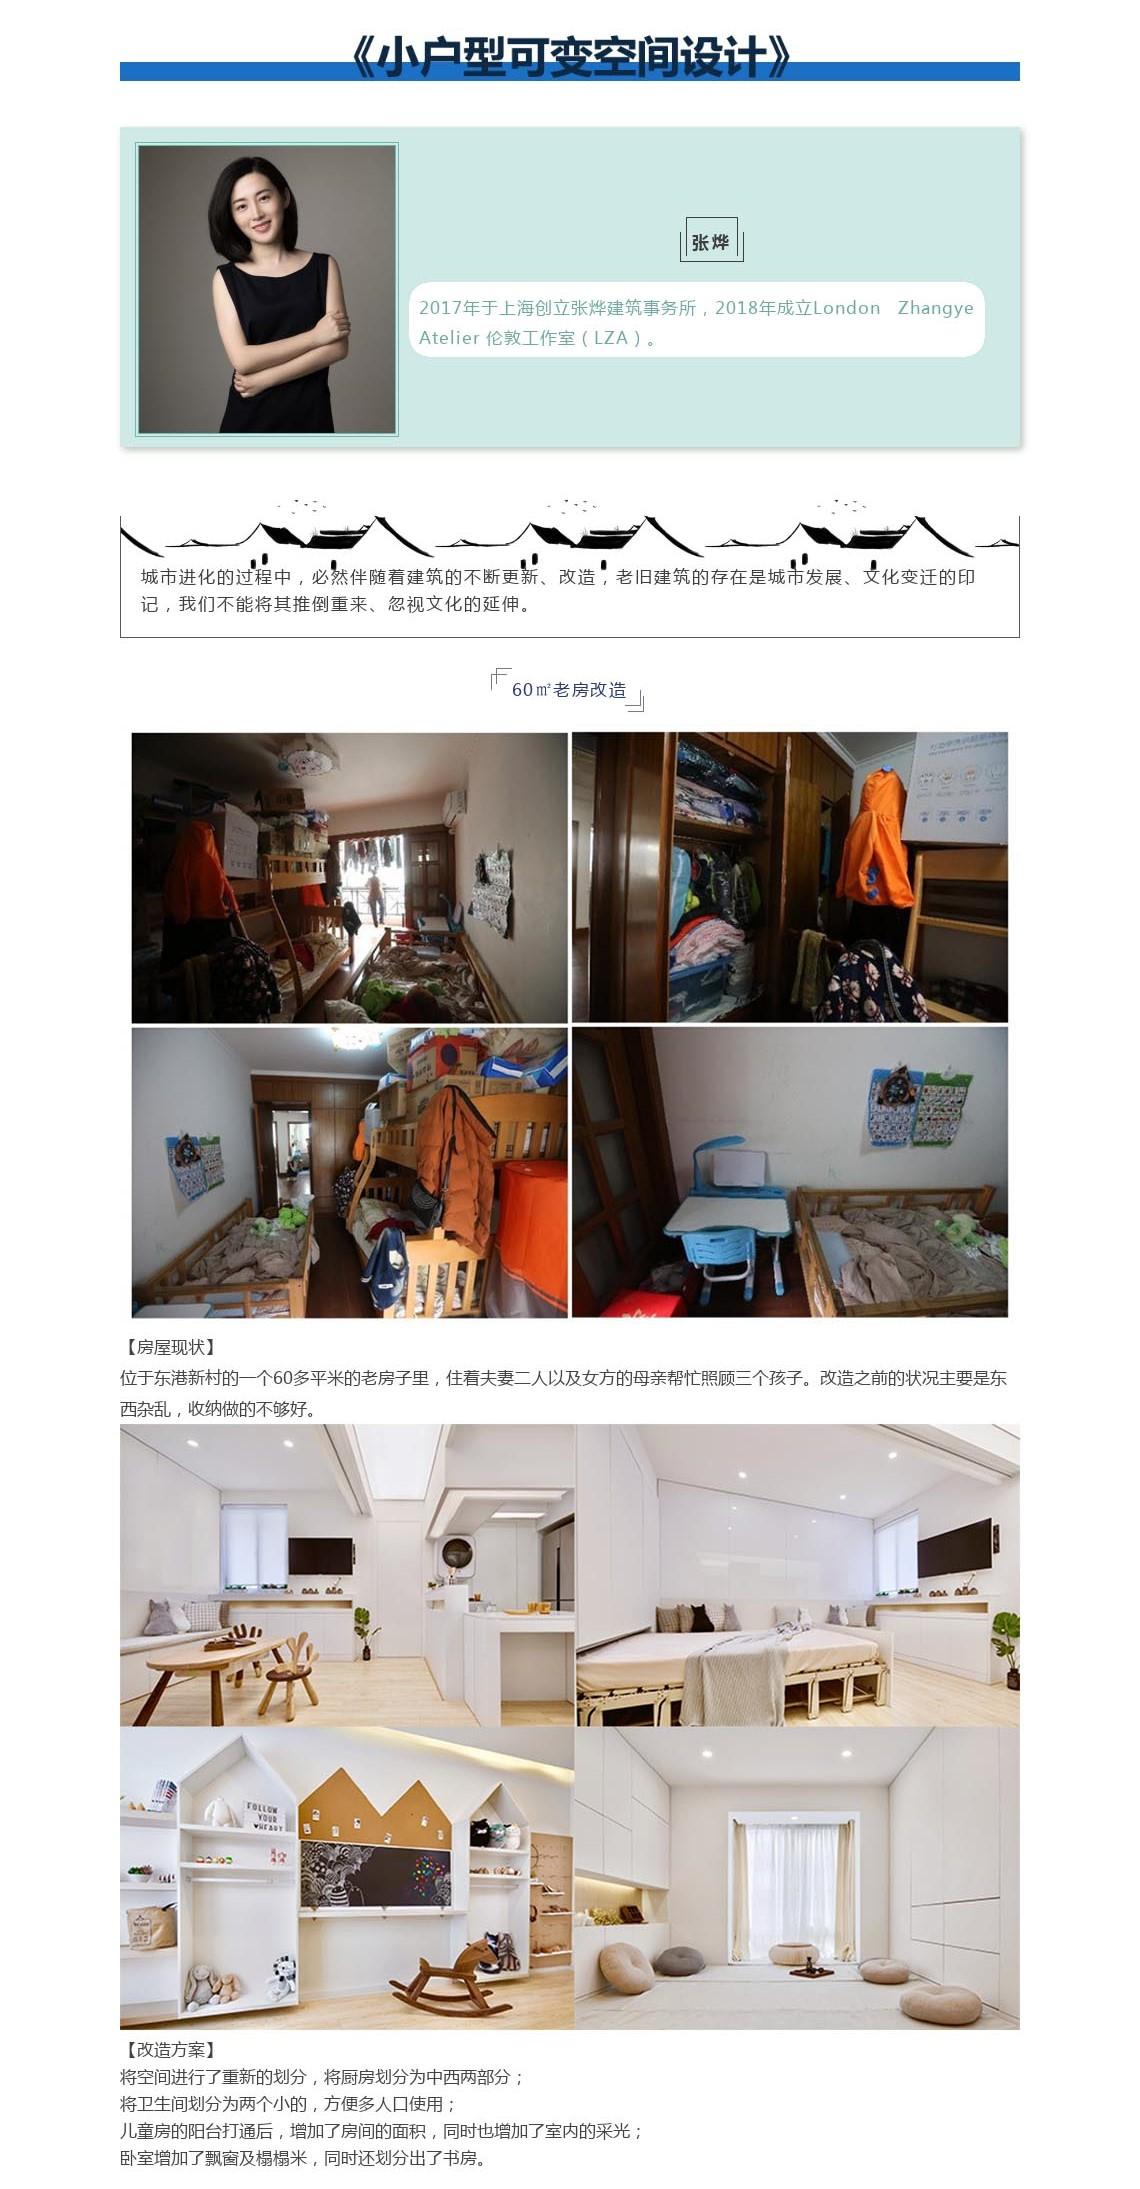 张烨,LZA,建筑更新,老房改造